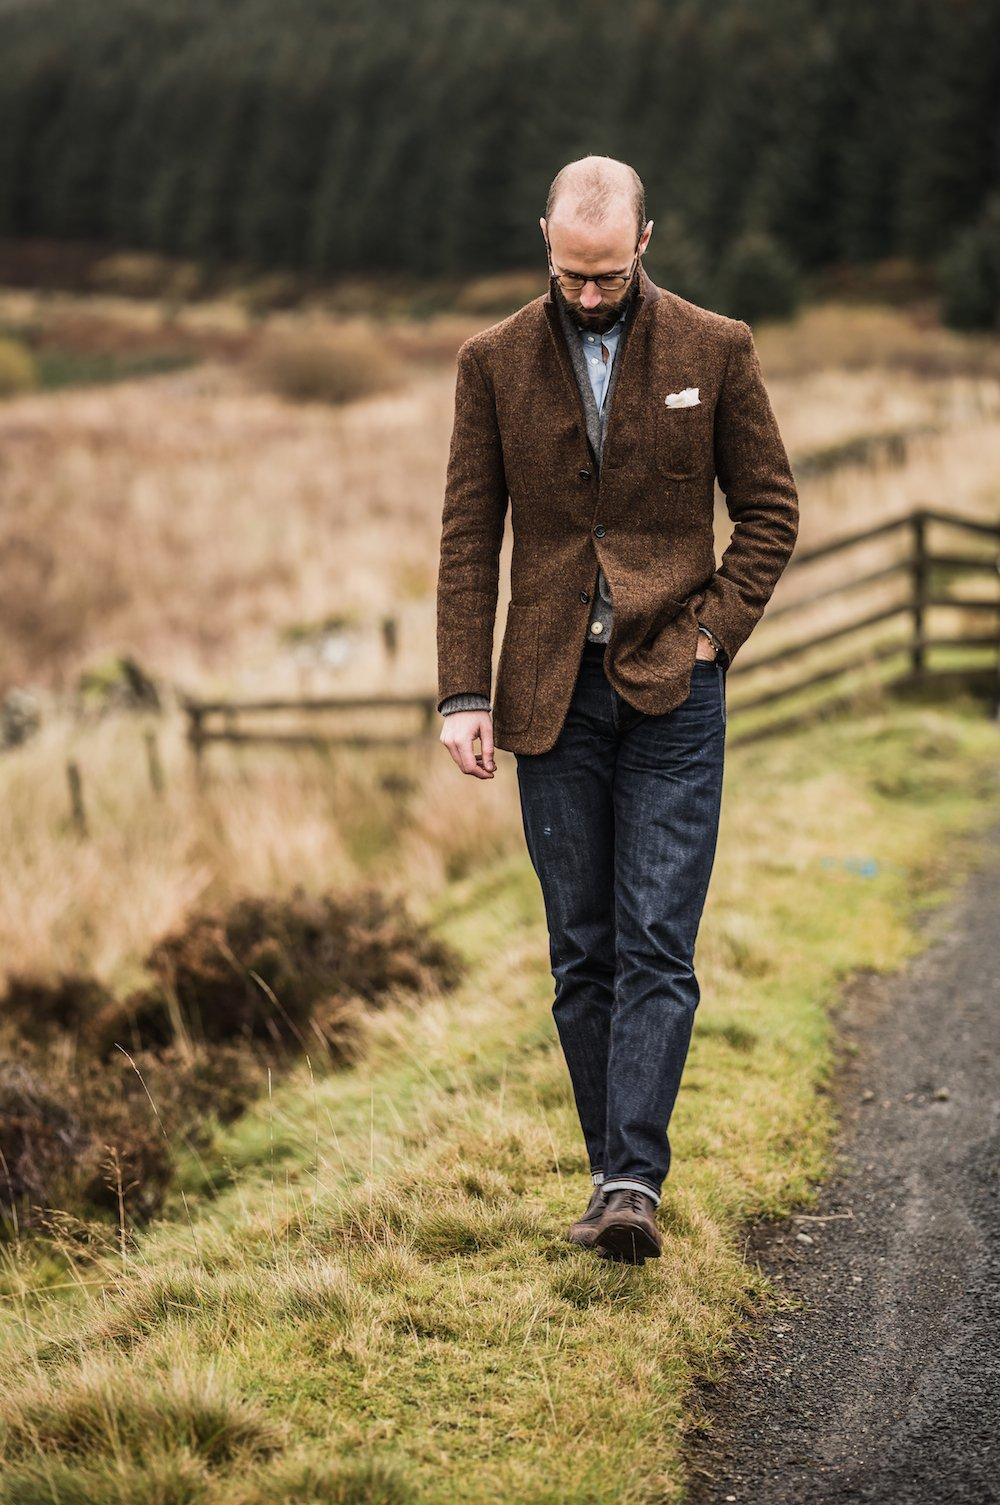 Harris tweed jacket and jeans